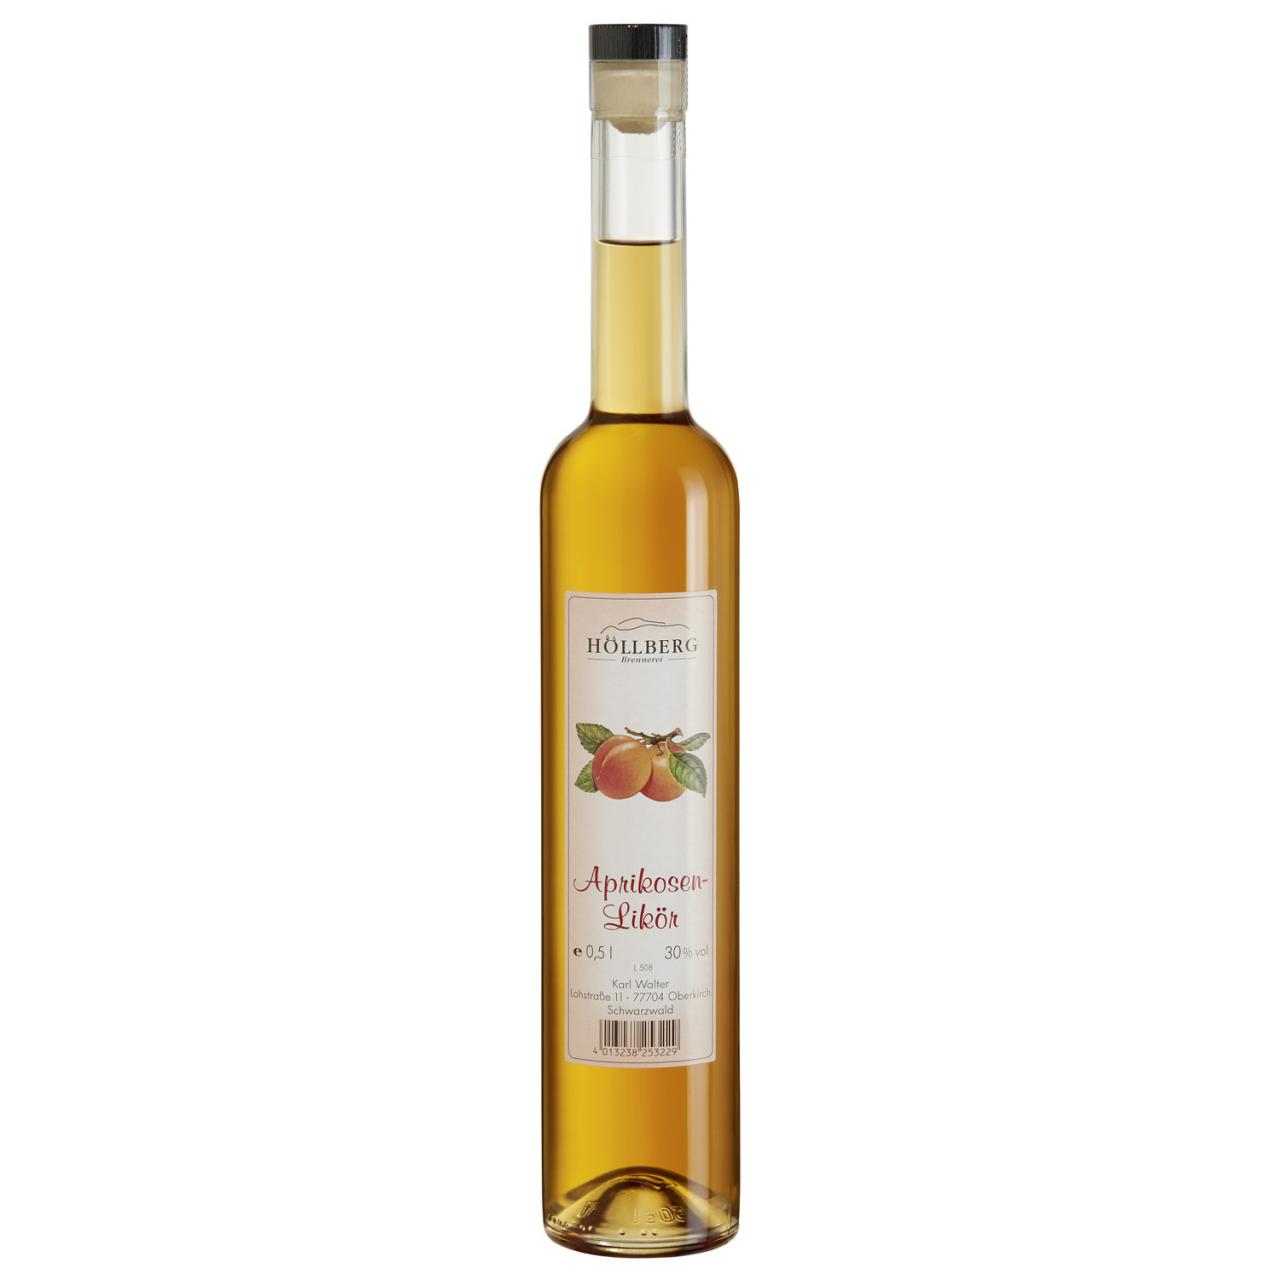 0,5 Liter Glasflasche Hoellberg Fruchtsaftlikör - Aprikösenlikör mit einem Alkoholgehalt von 30%vol.